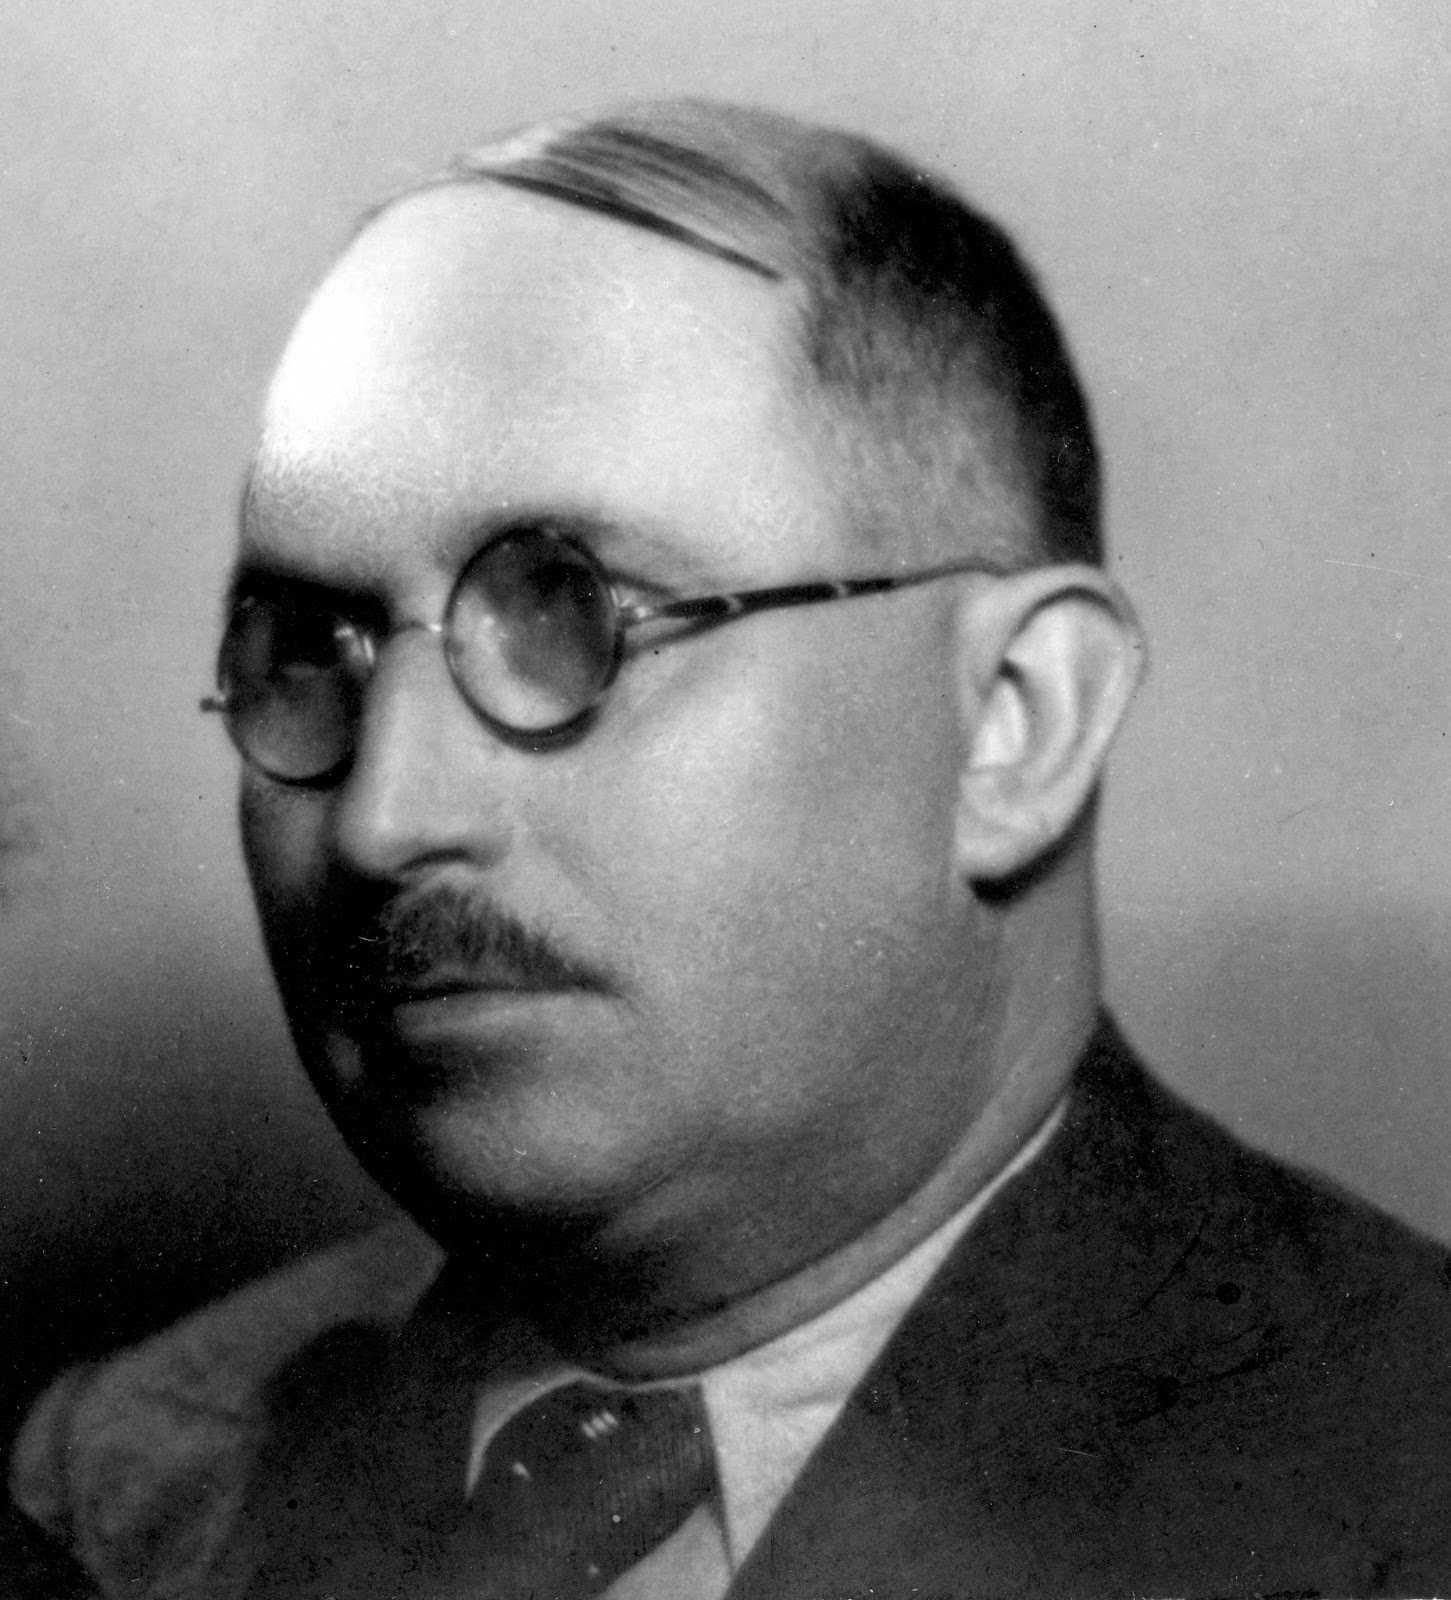 Andreu Capdevila Puig, el dia del seu casament (13 de març de 1937)